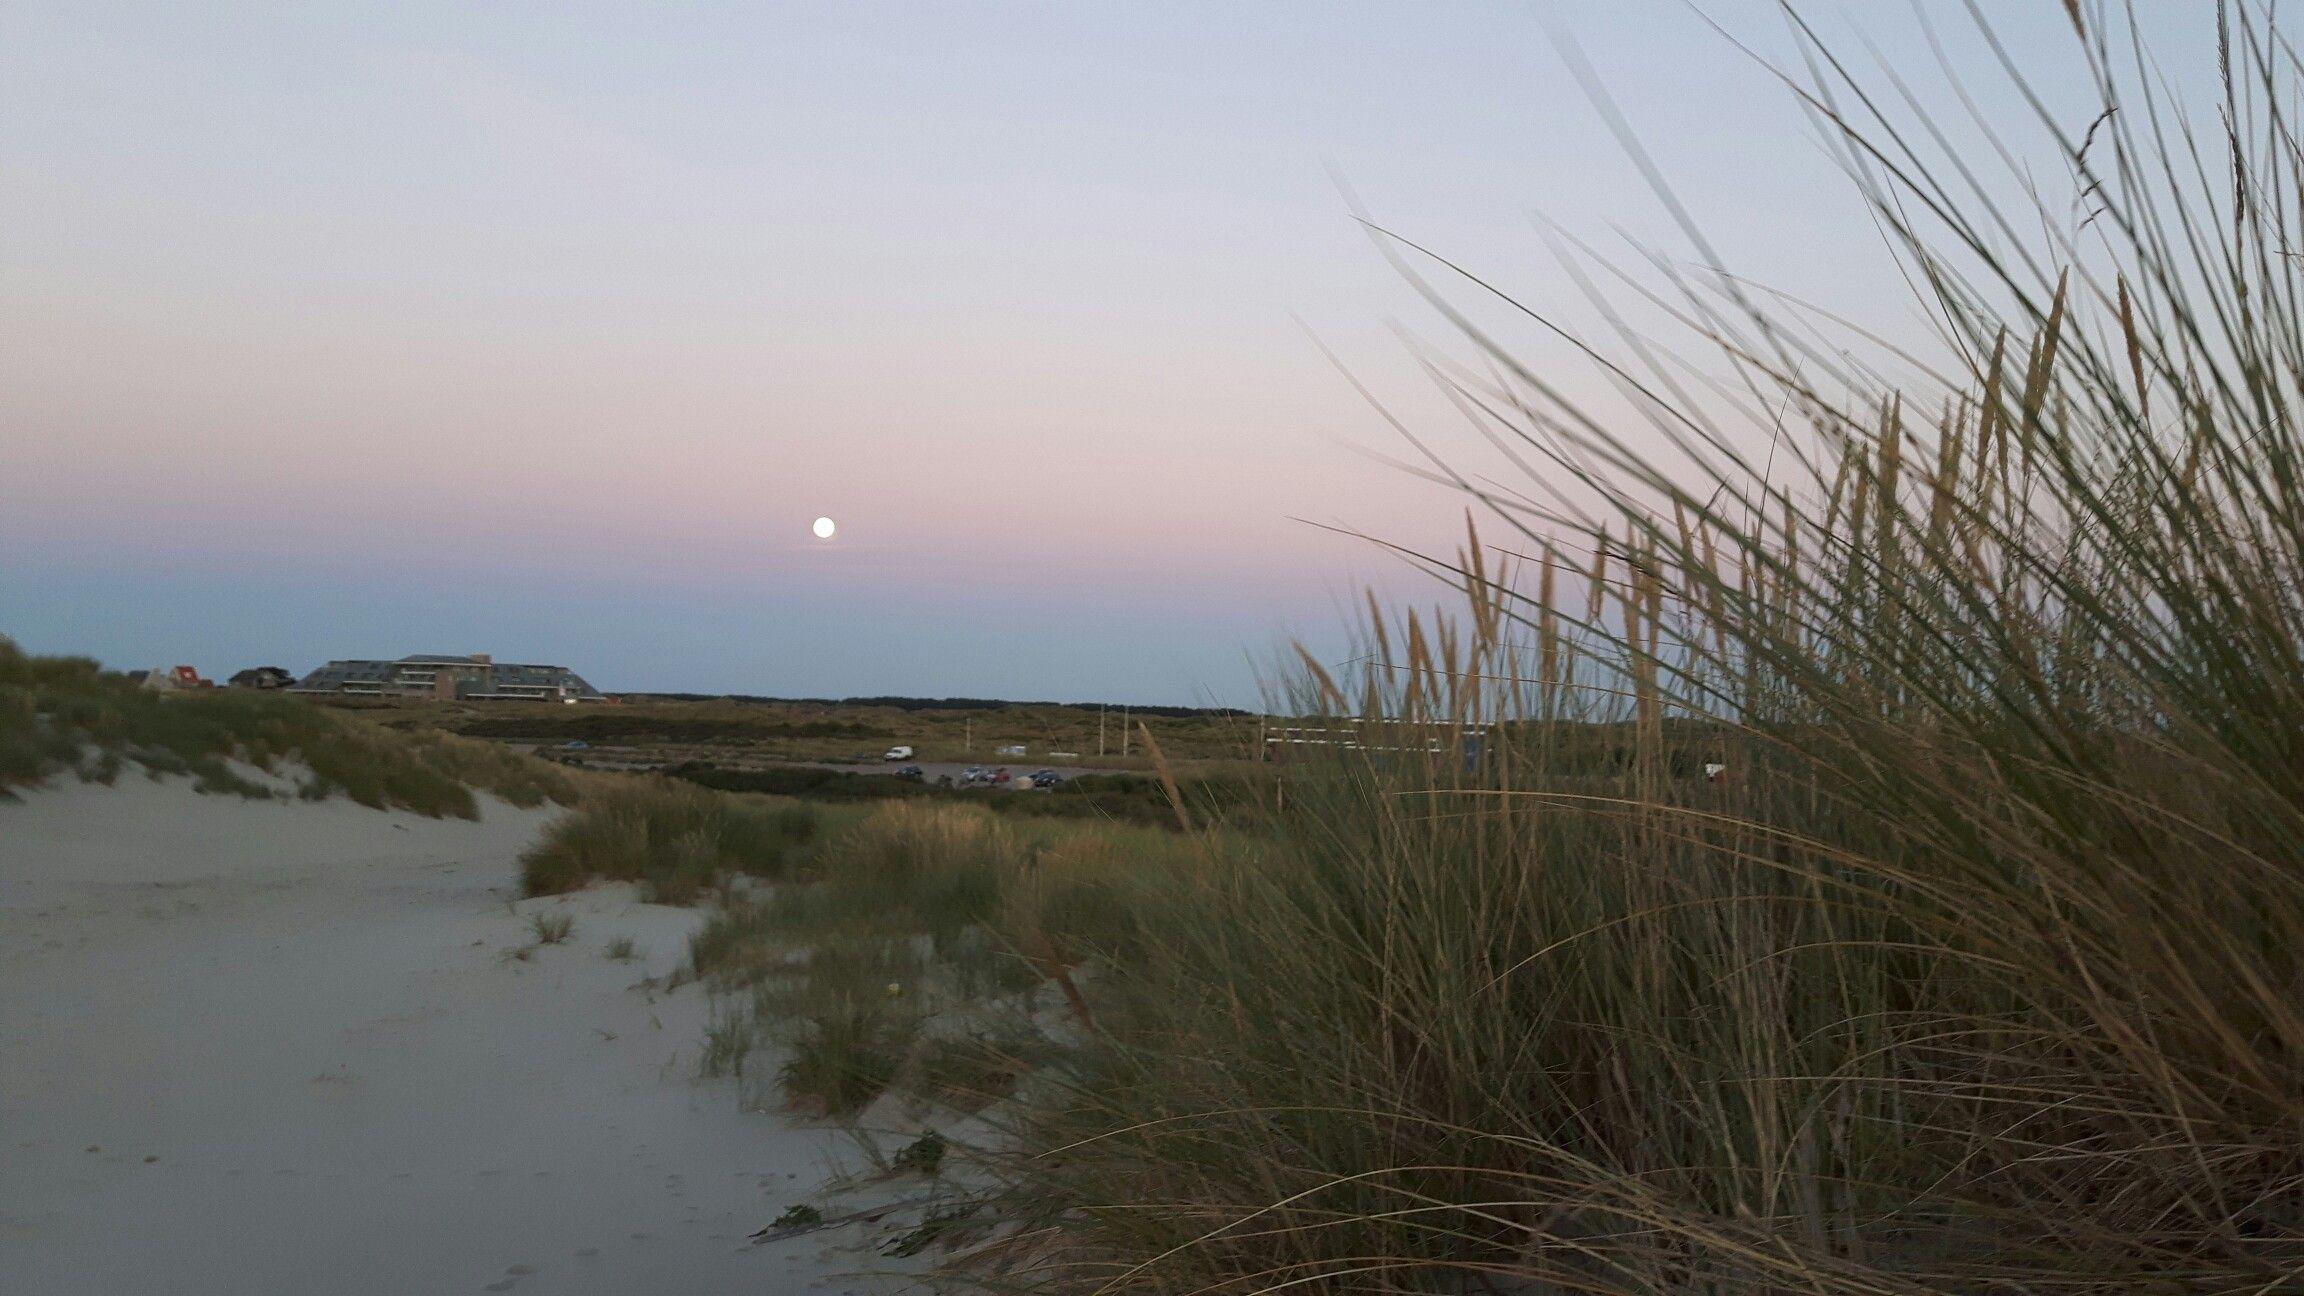 Volle maan boven wadkant